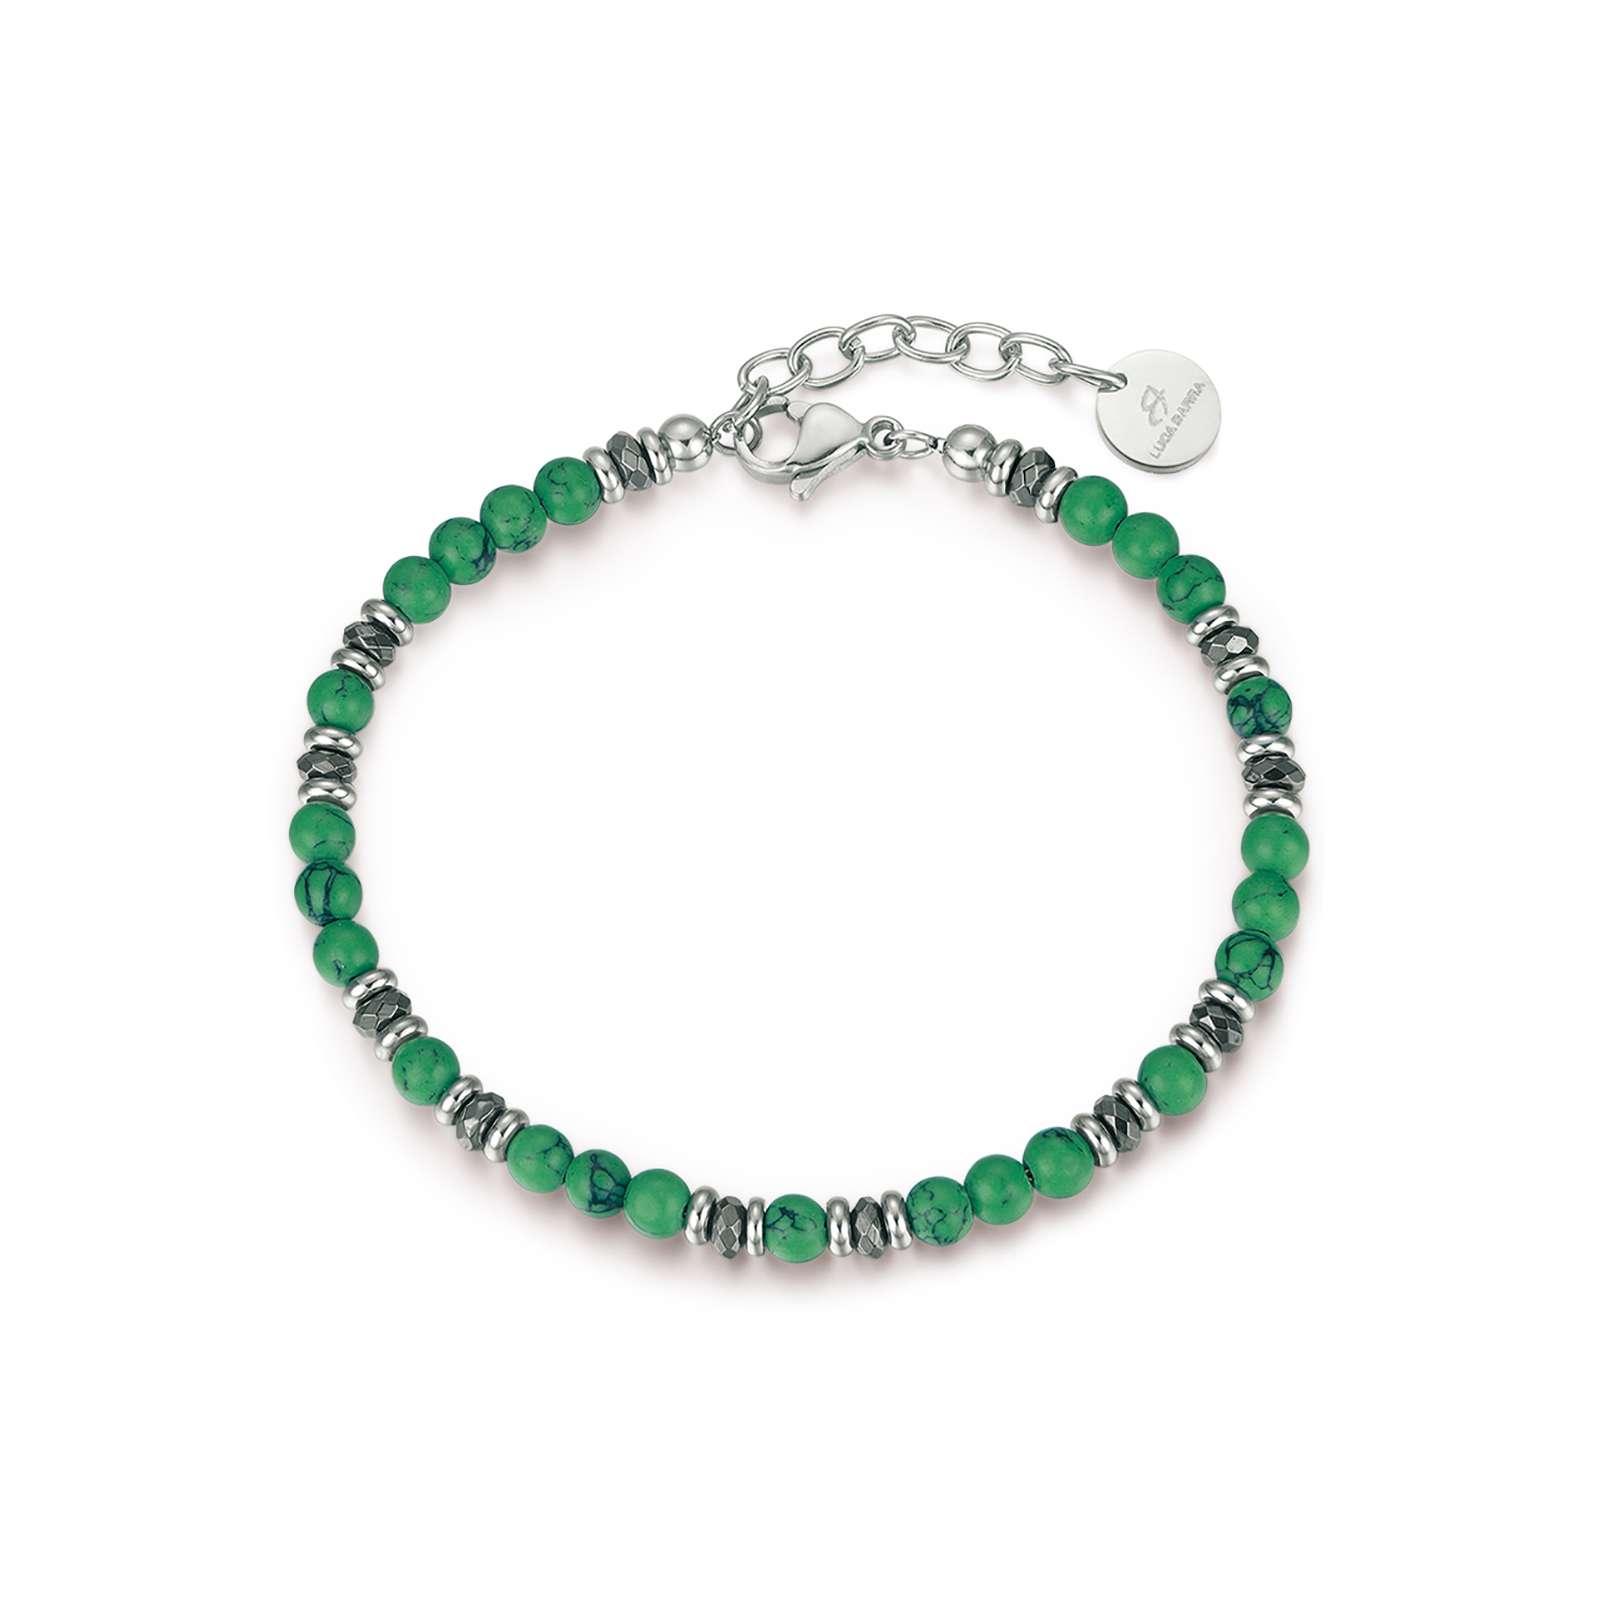 Luca Barra - Bracciale in acciaio con pietre verdi ed amatite